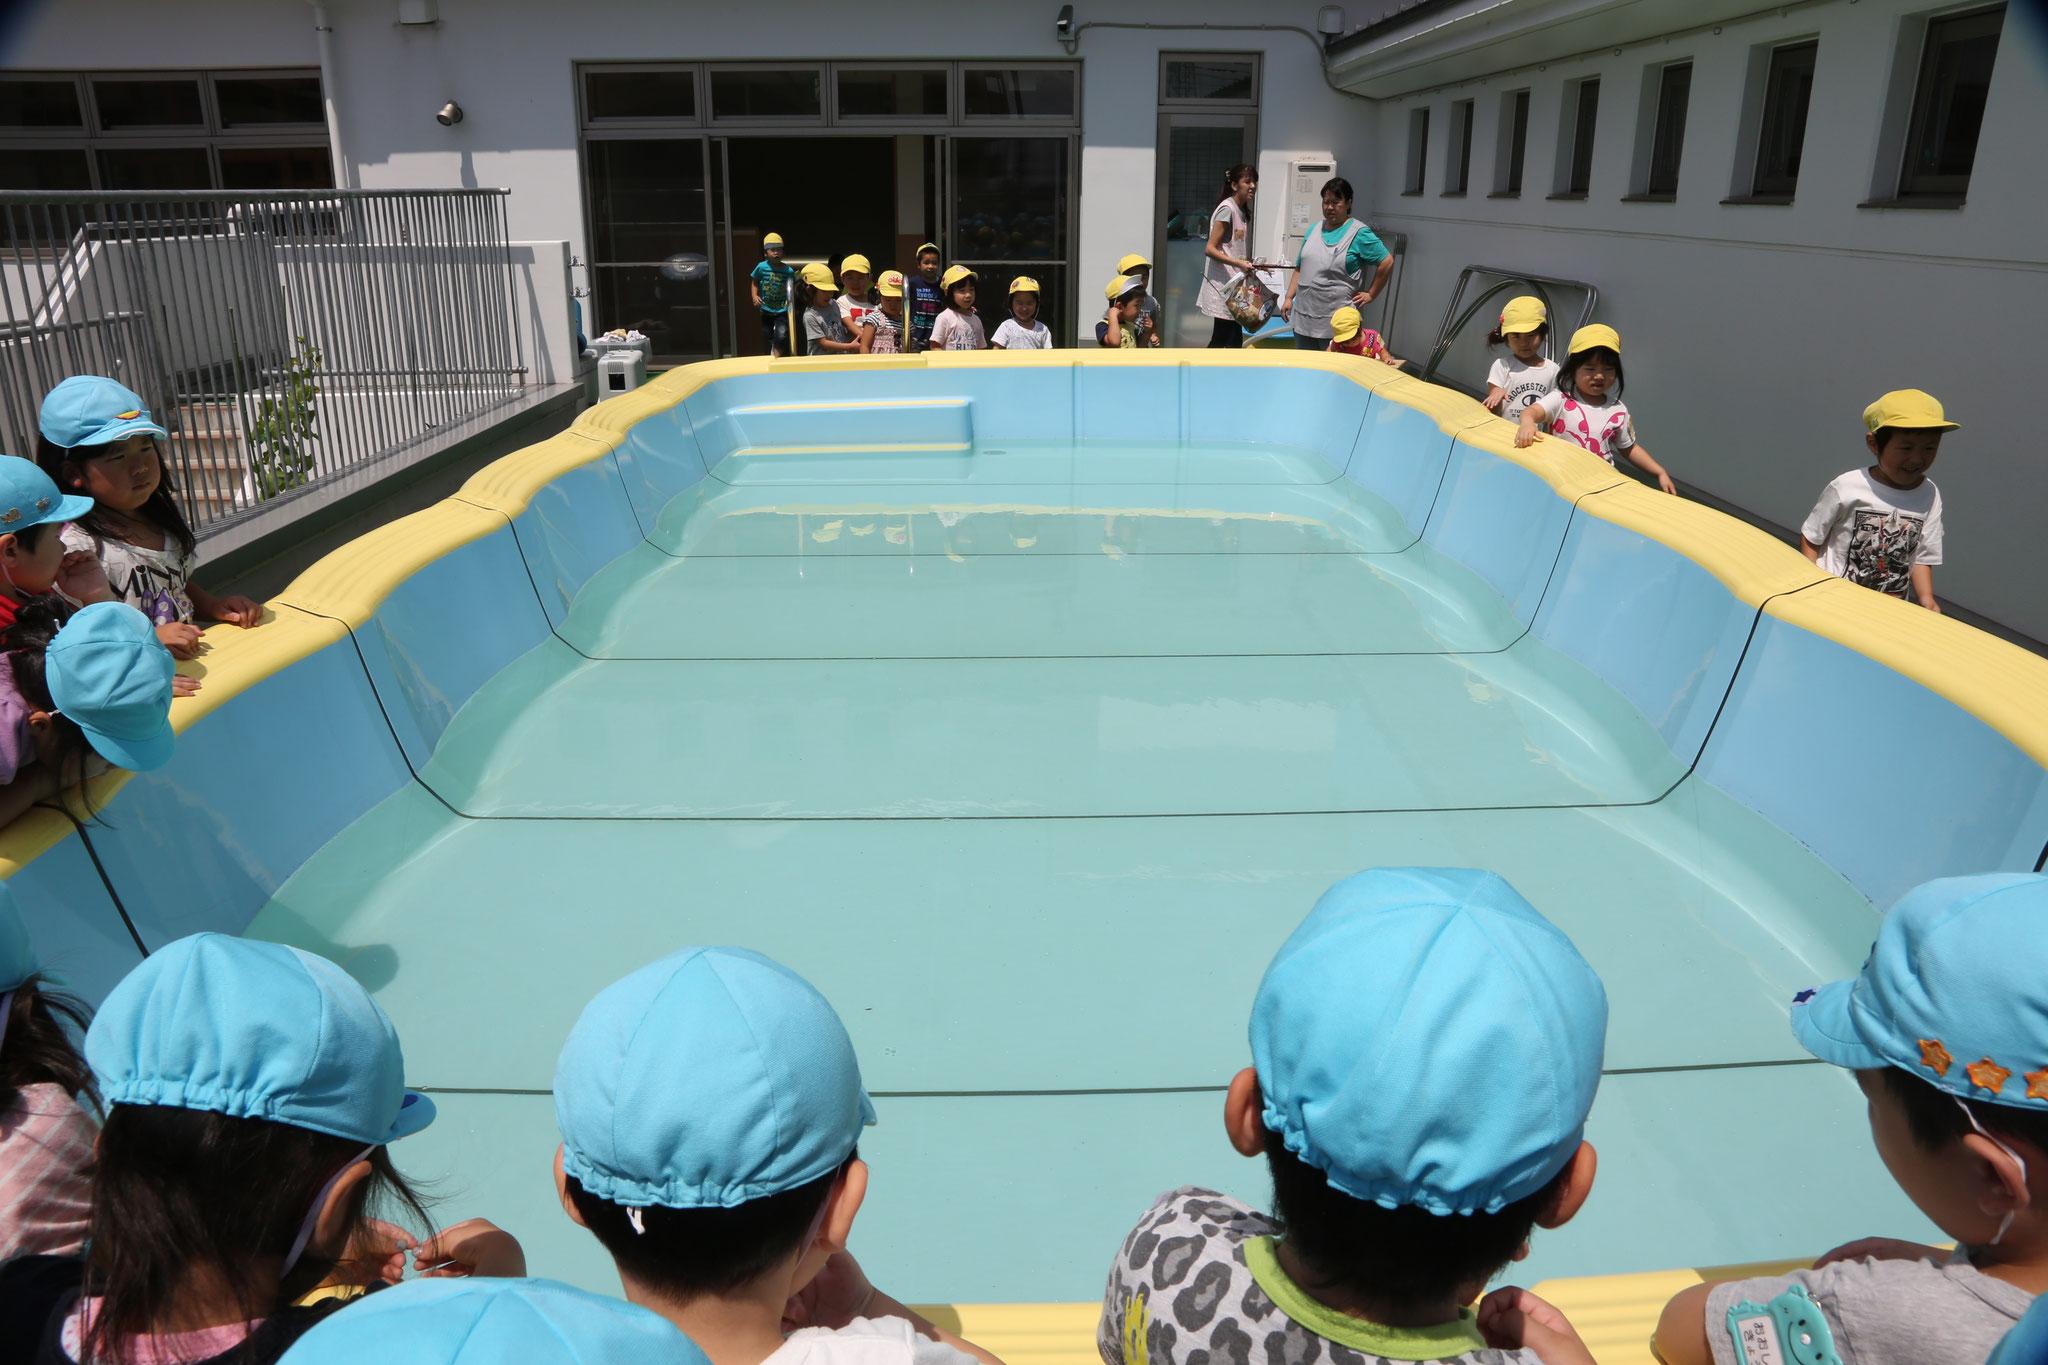 6月 プール開き・今年もプールの季節が始まります。